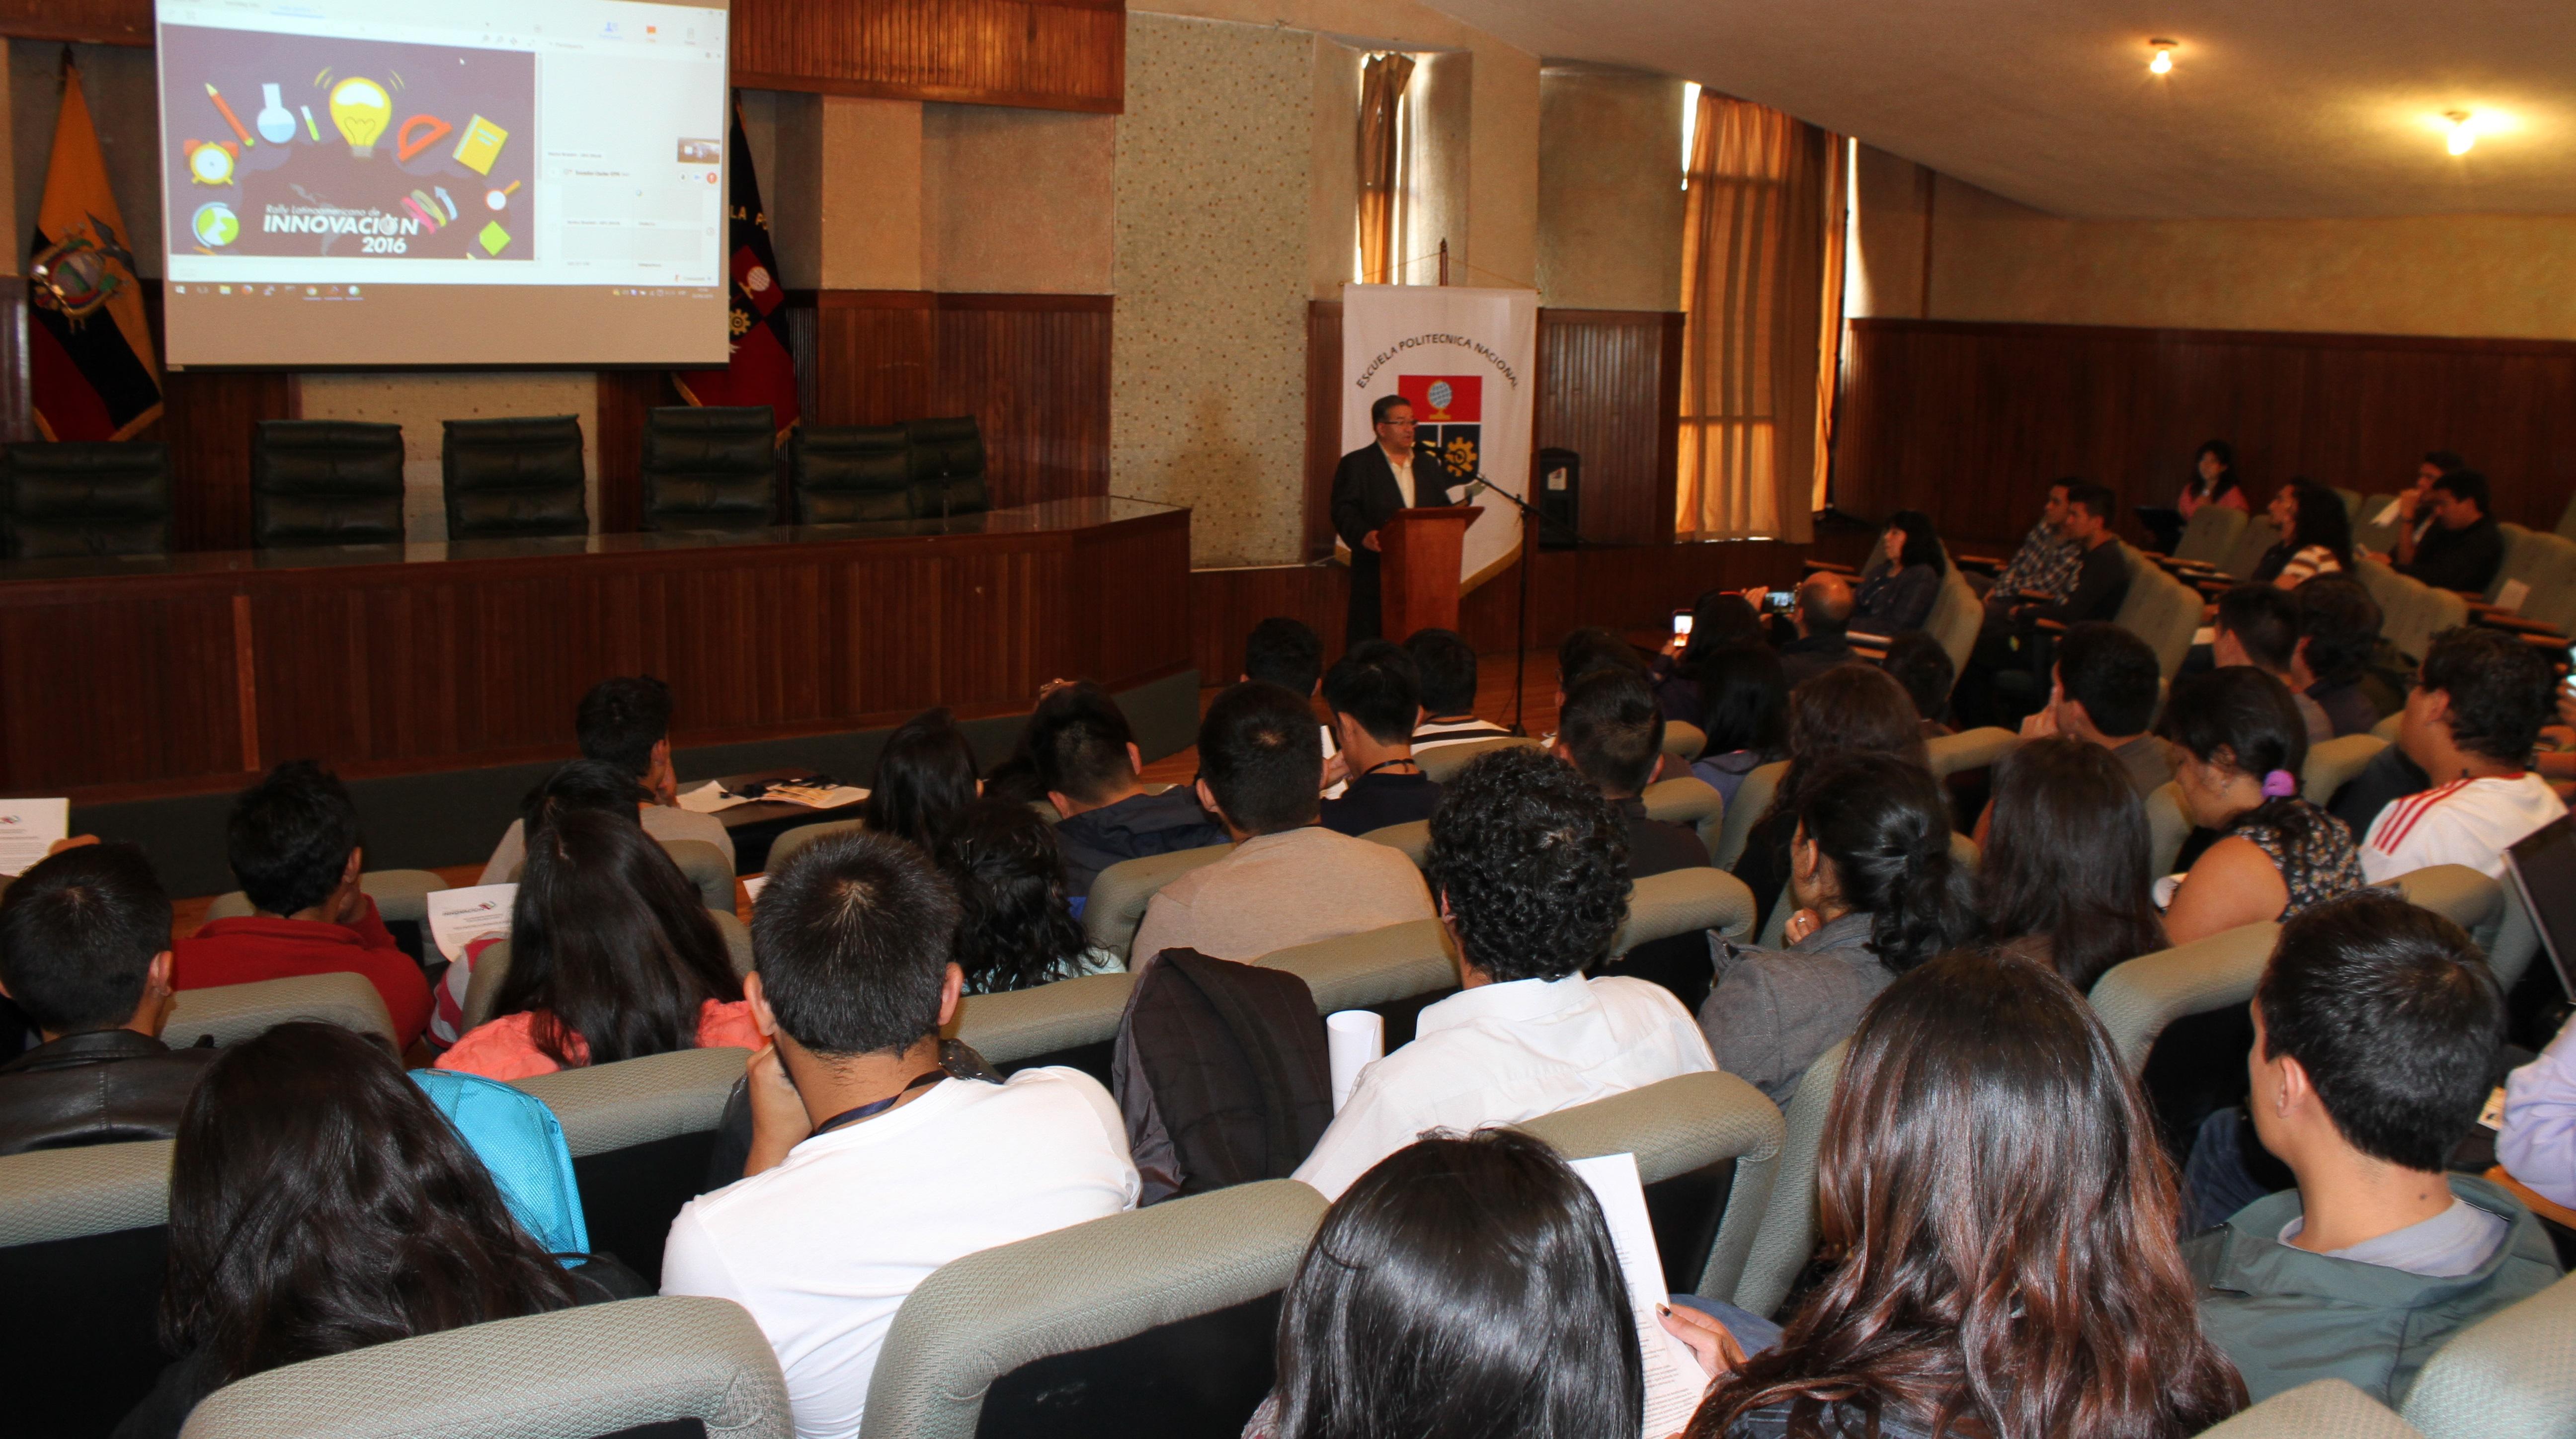 rally-latinoamericano-innovacion-epn-asecei-asibei-2